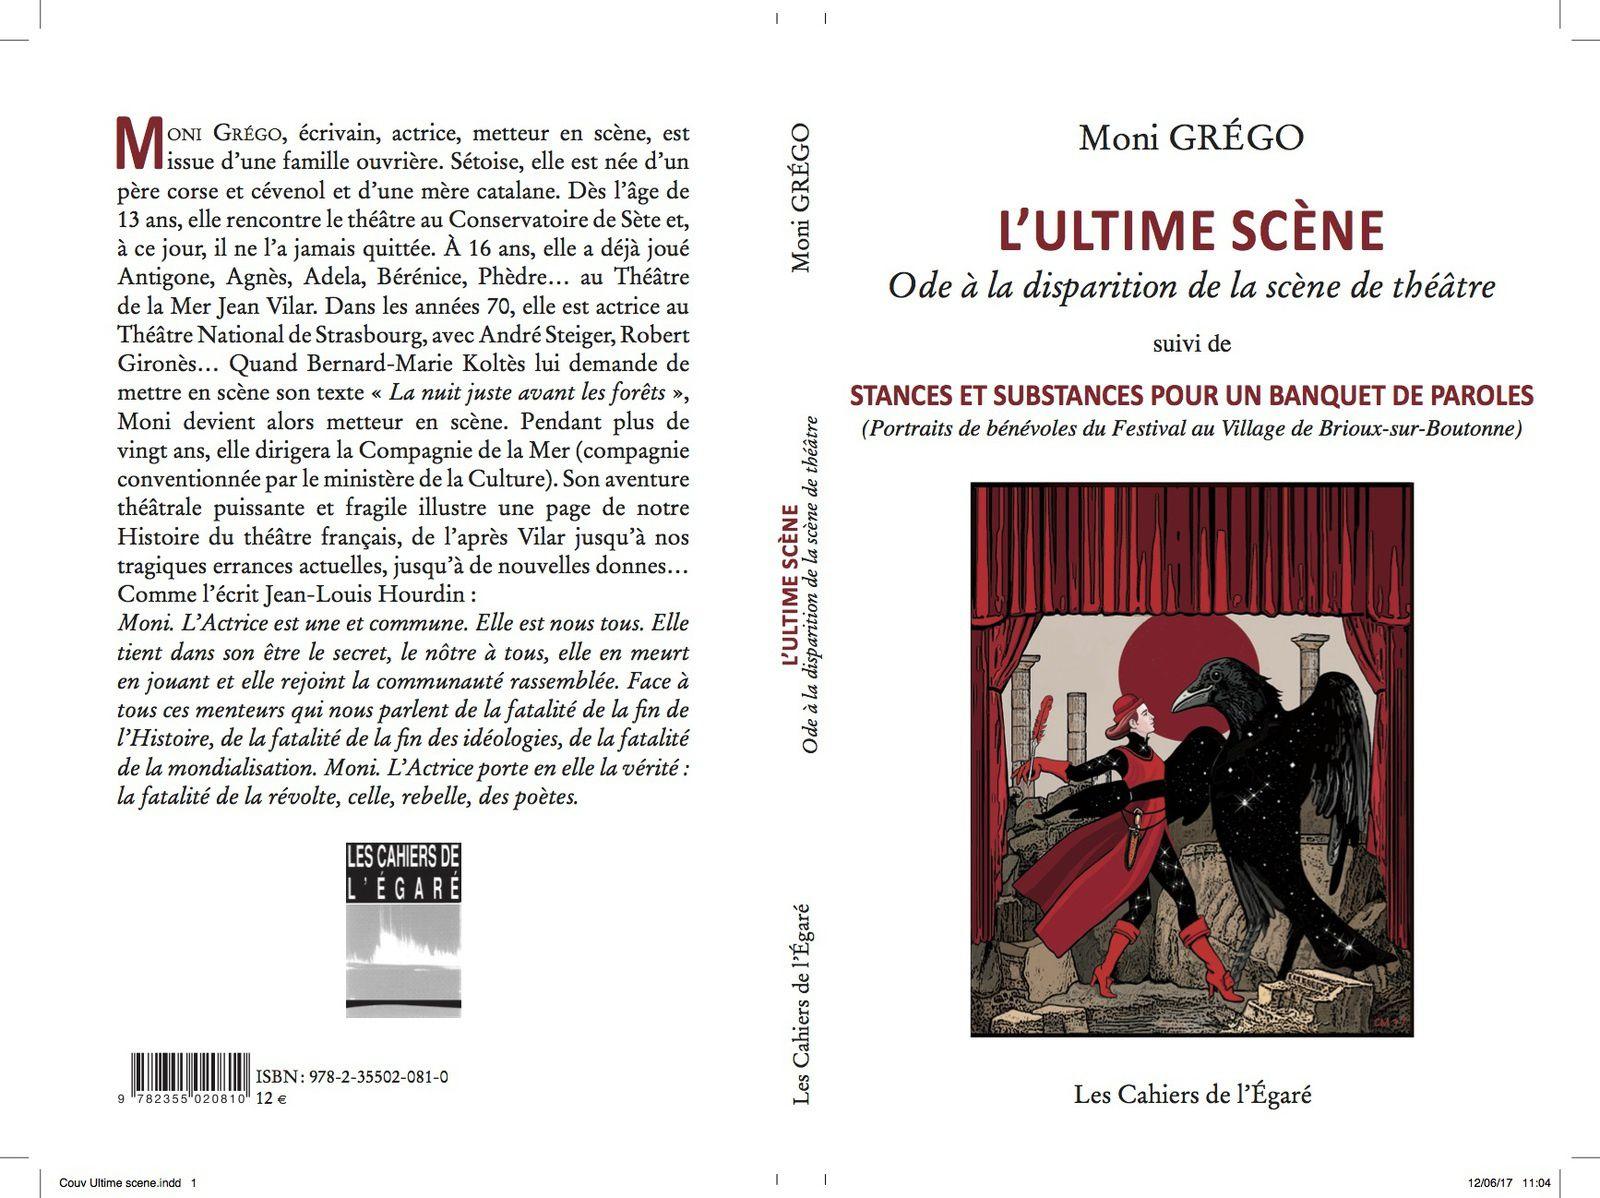 Les Cahiers de l'Égaré 2017